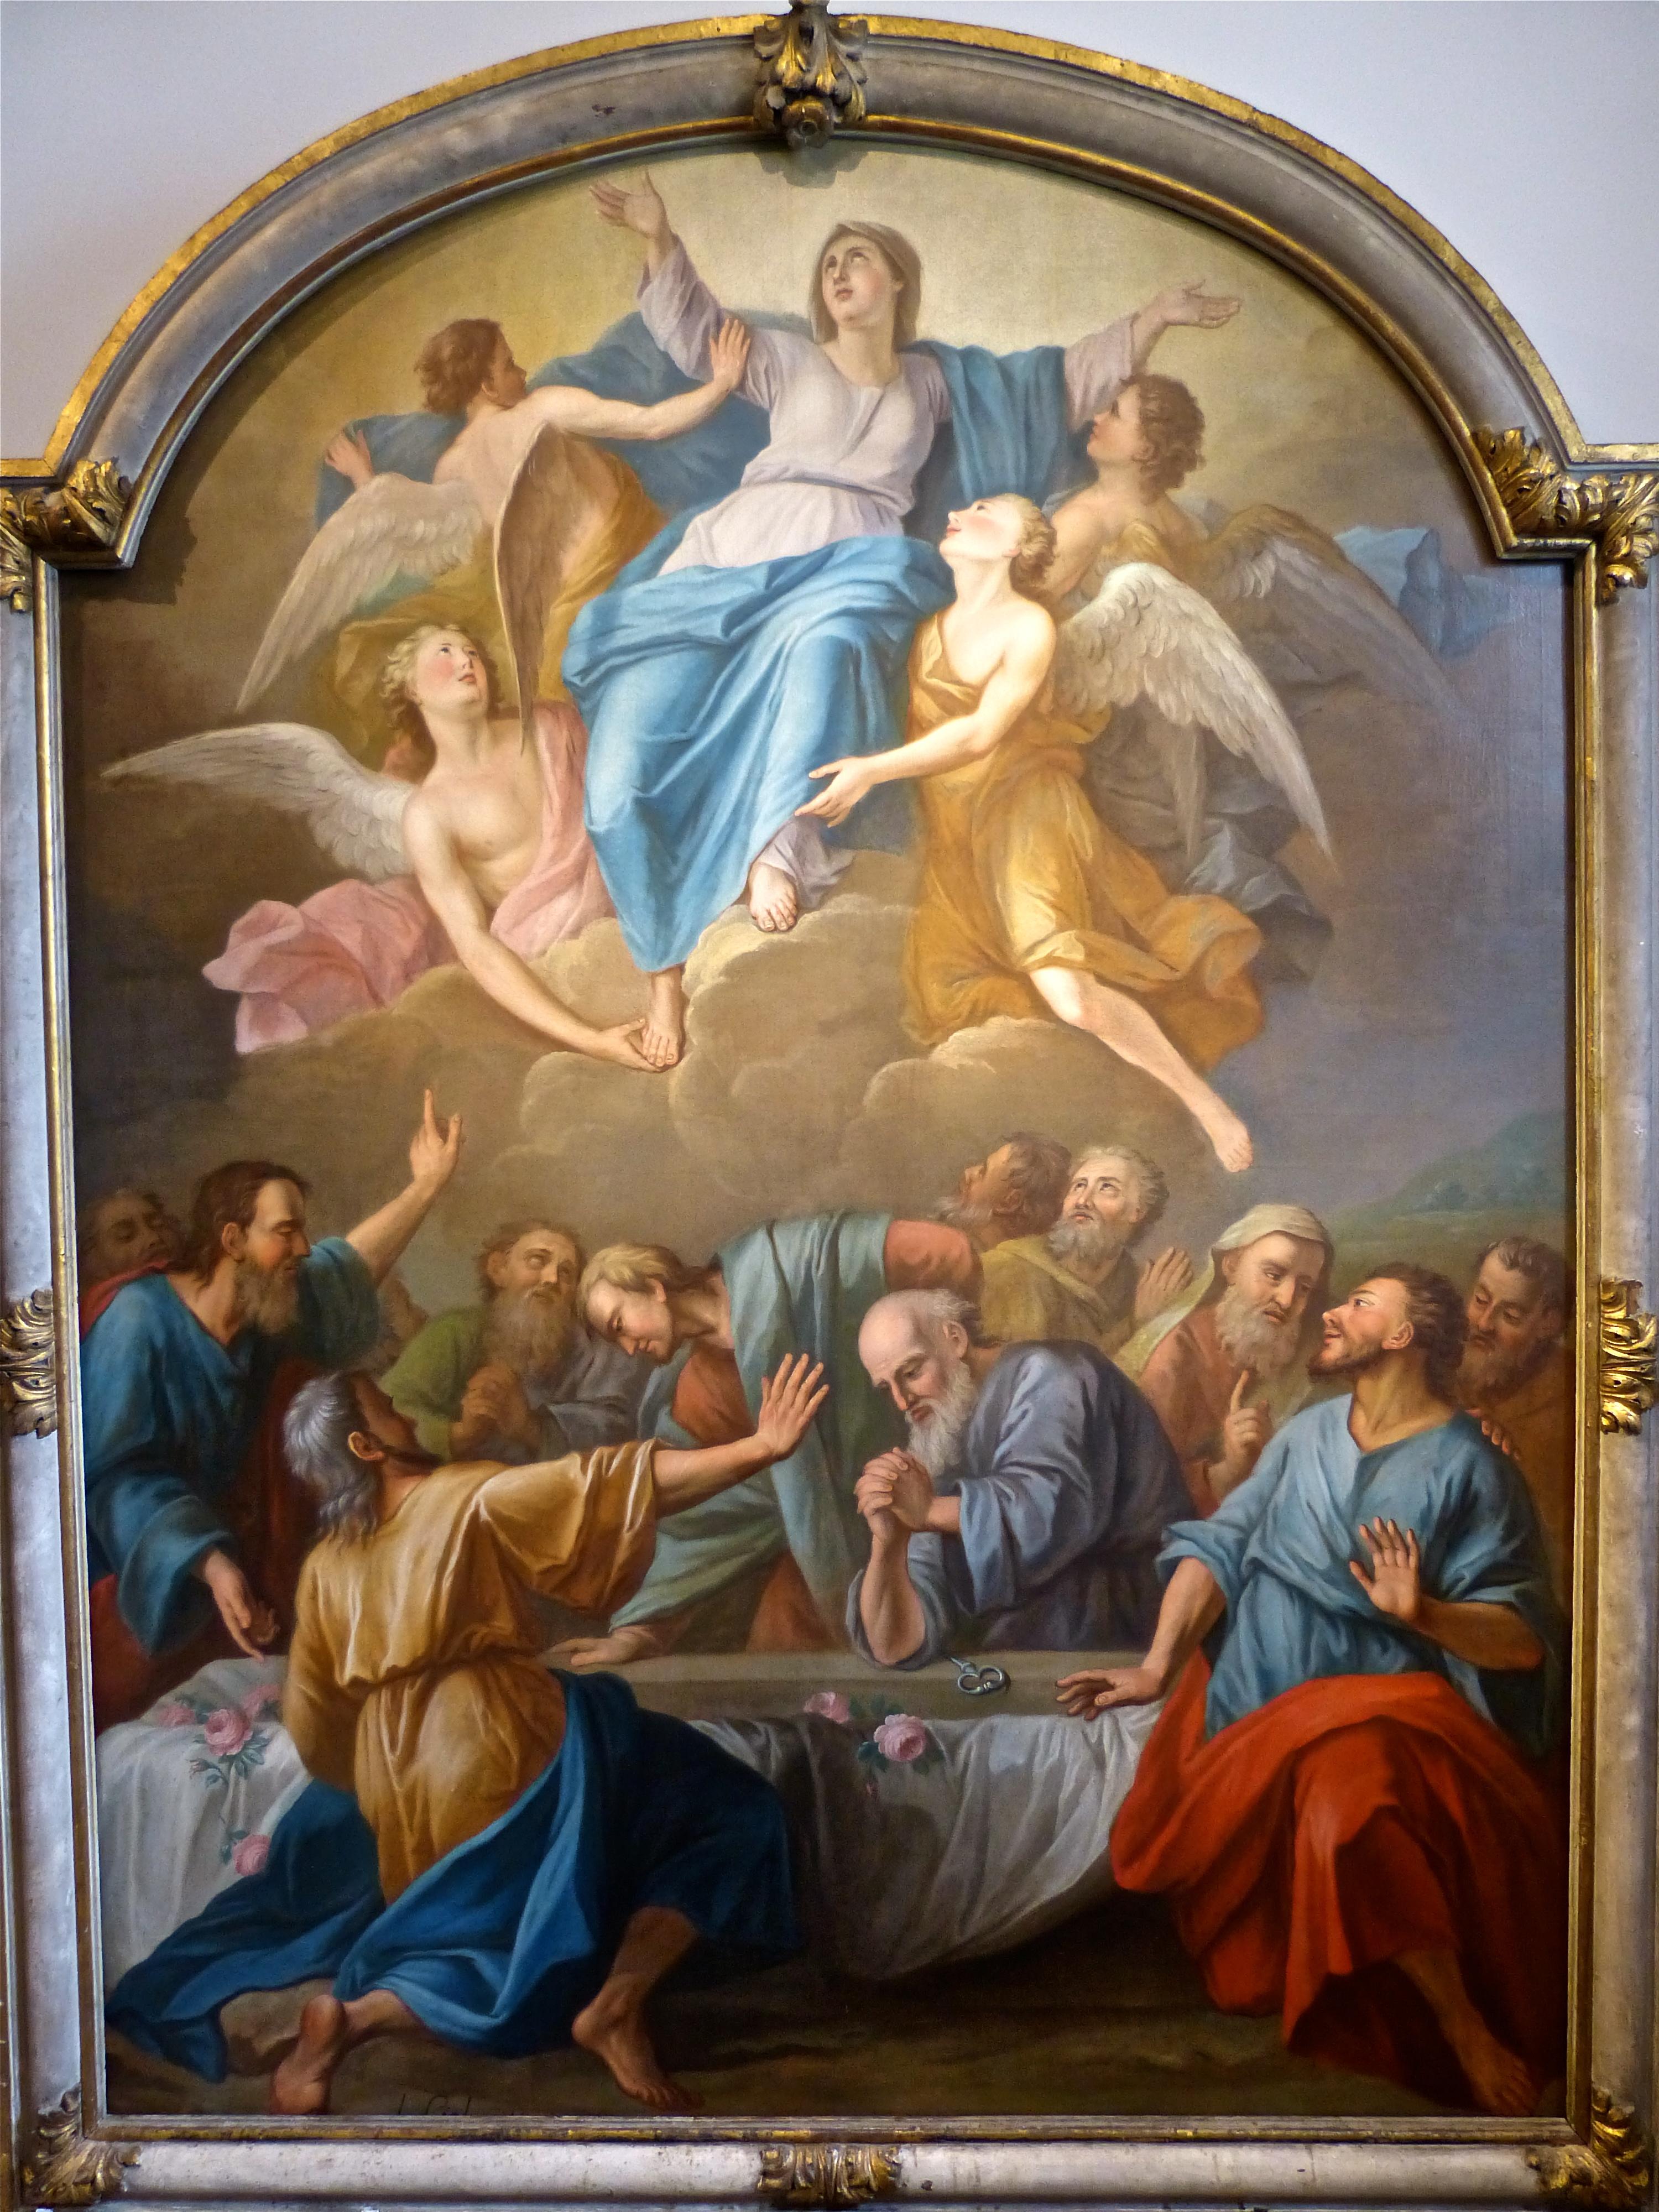 le 15 août, assomption de Marie, véritable date de la fête nationale ? Assomption-de-la-Vierge-Carmel-de-Saint-Denis